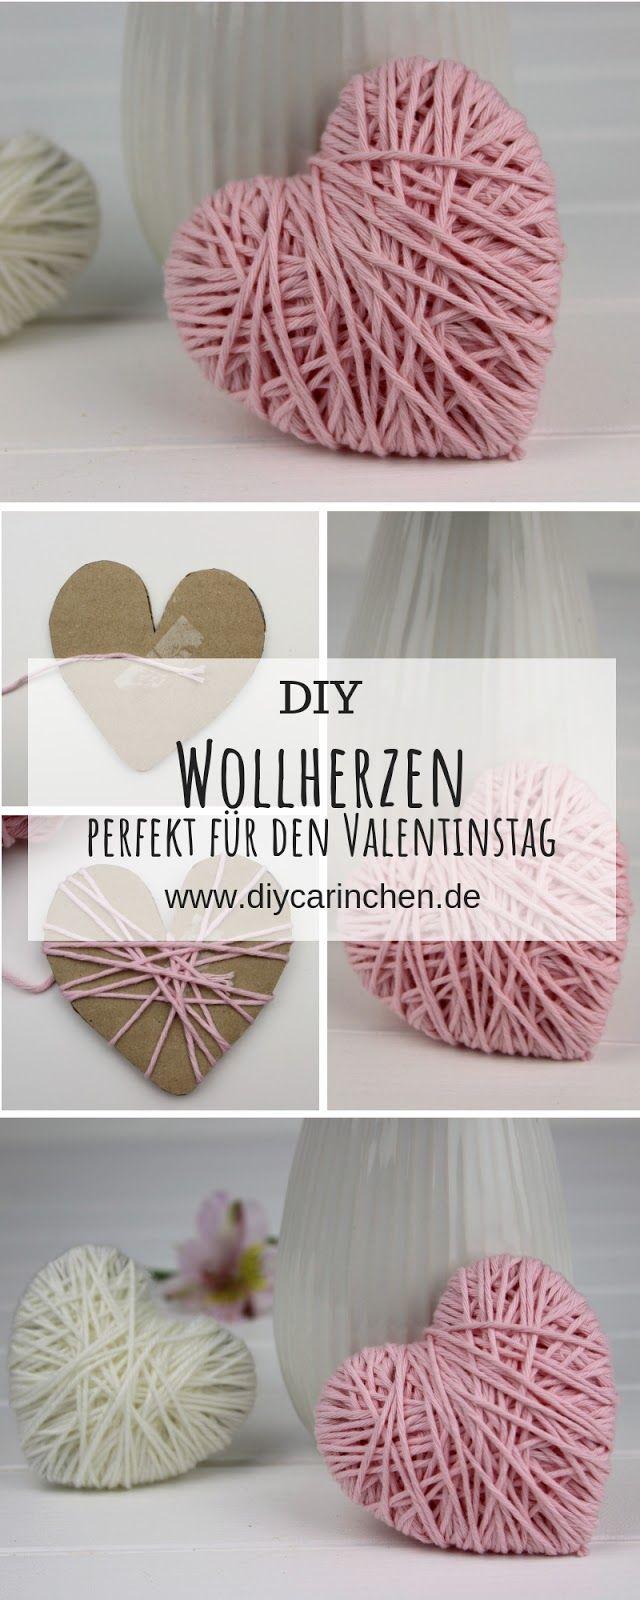 Photo of DIY Wollherzen schnell und einfach selber machen – schöne Deko